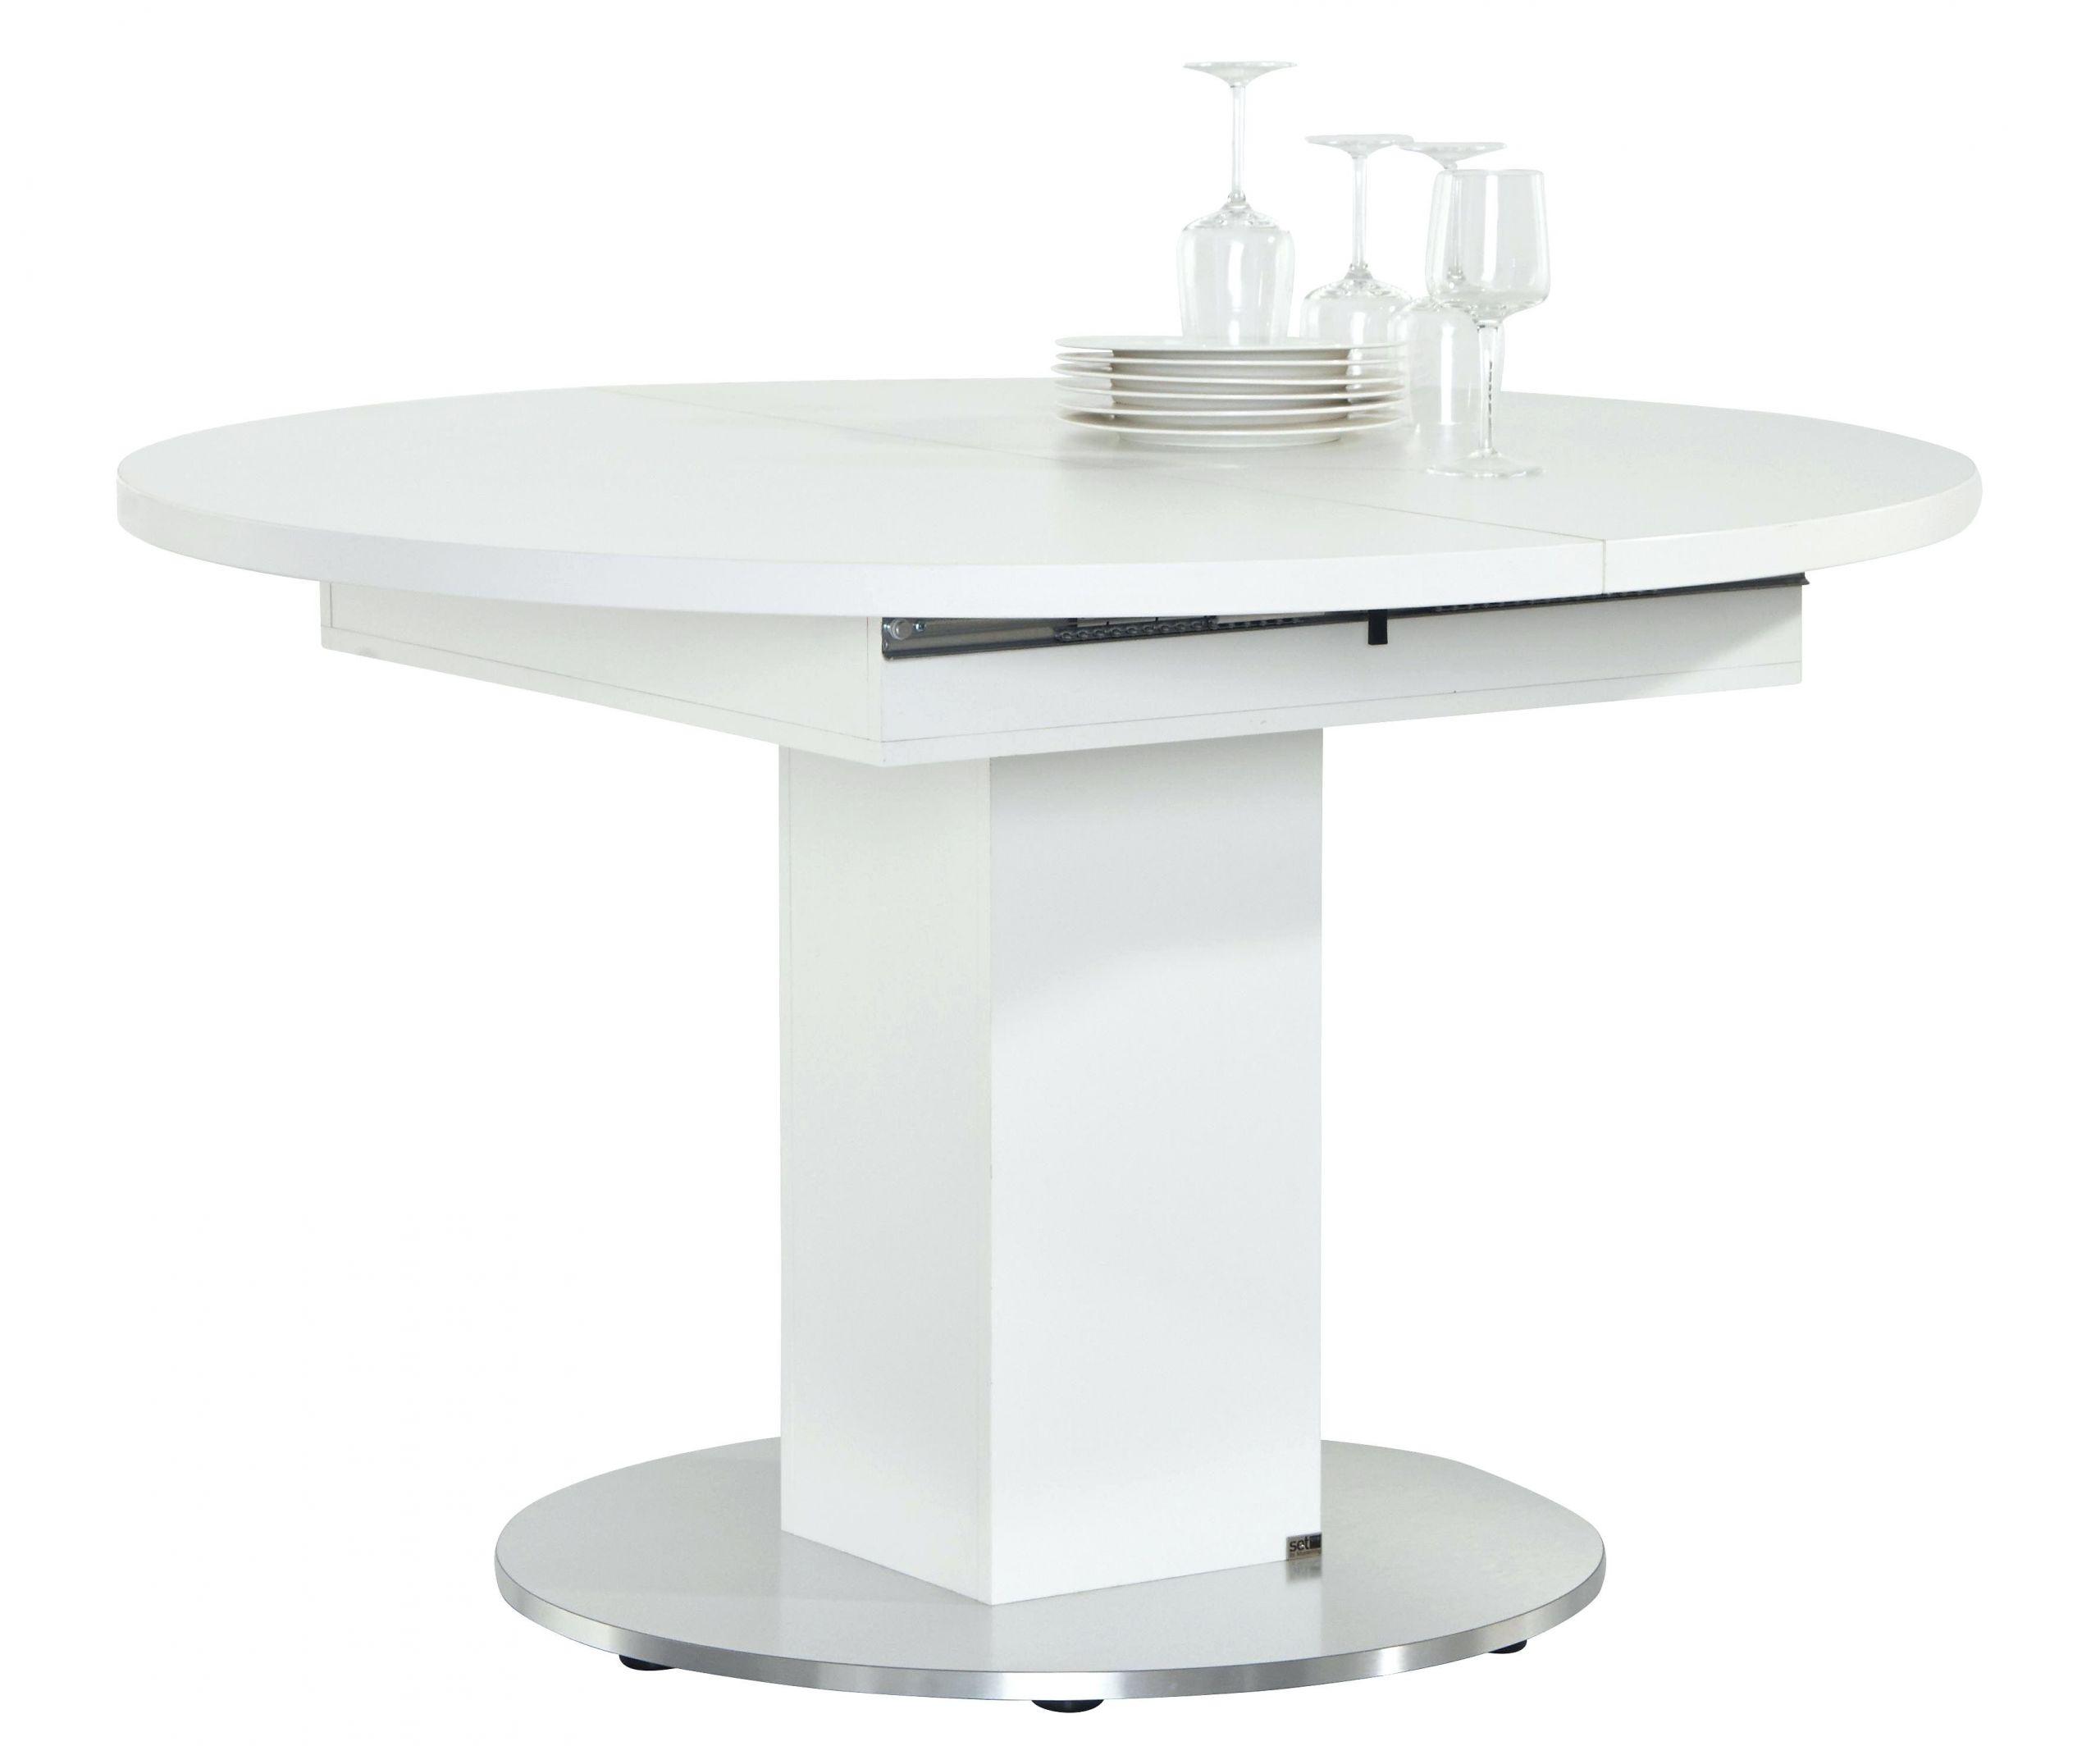 Full Size of Runder Tisch Ikea Esstisch Mit Bank Ausziehbar Weiß Lampen Kleiner Shabby Chic Akazie Stühlen Rund Moderne Esstische Esstische Runder Esstisch Ausziehbar